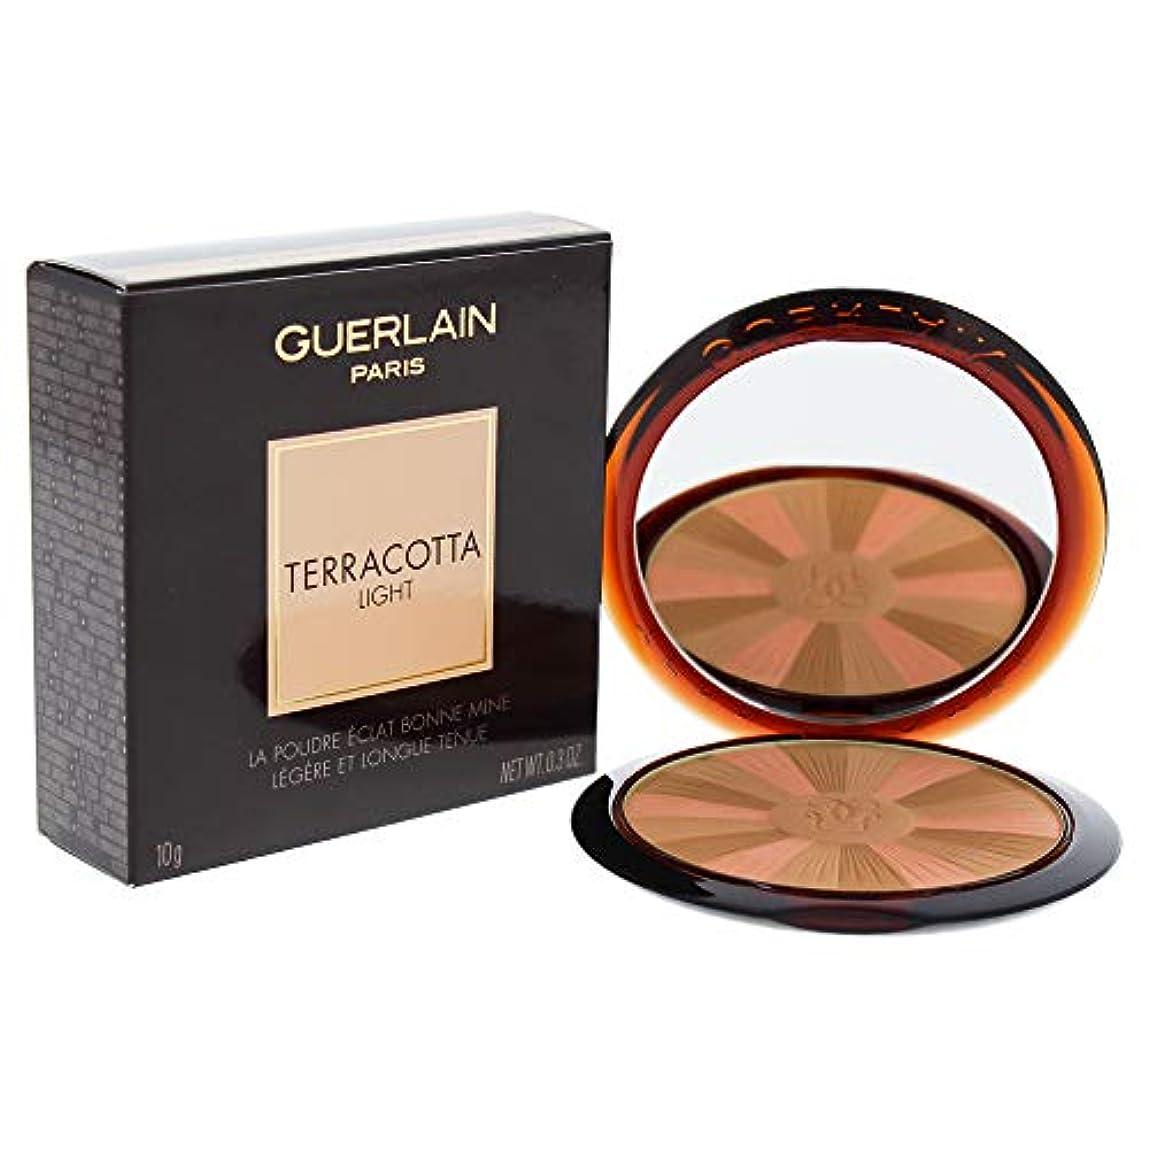 蜜ぺディカブ桃ゲラン Terracotta Light The Sun Kissed Healthy Glow Powder - # 01 Light Warm 10g/0.3oz並行輸入品